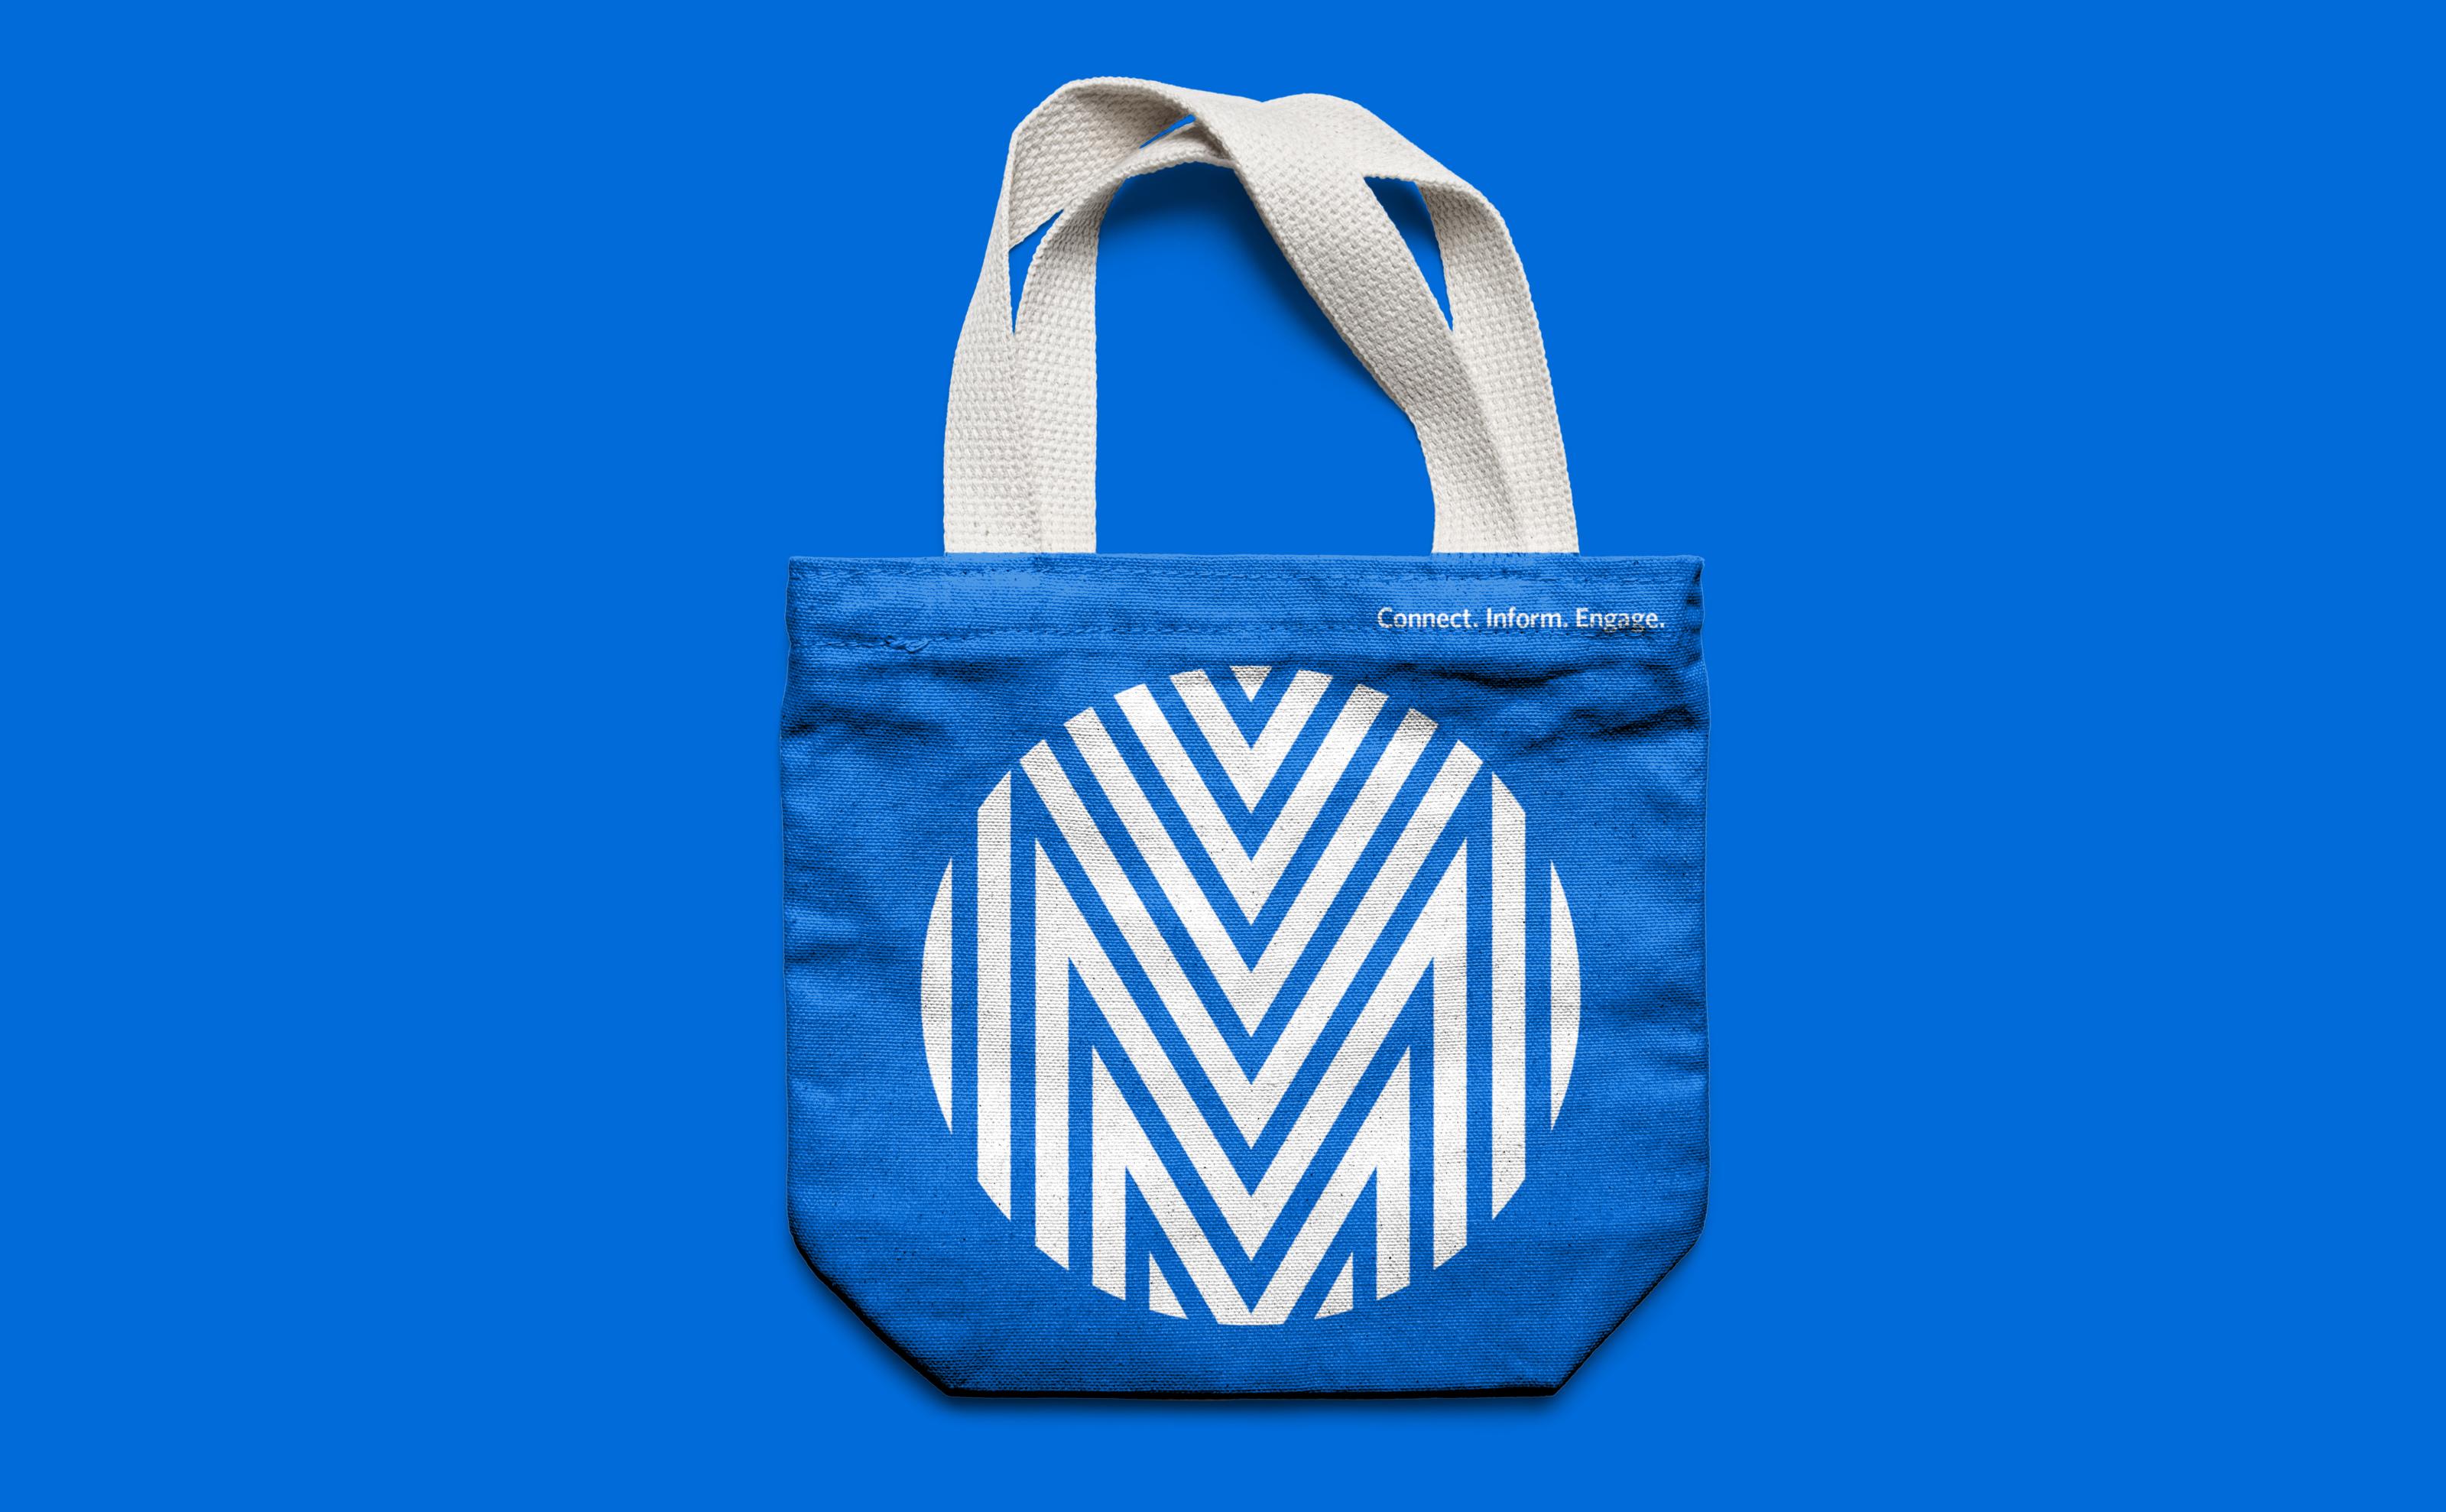 Global Minnesota tote bag